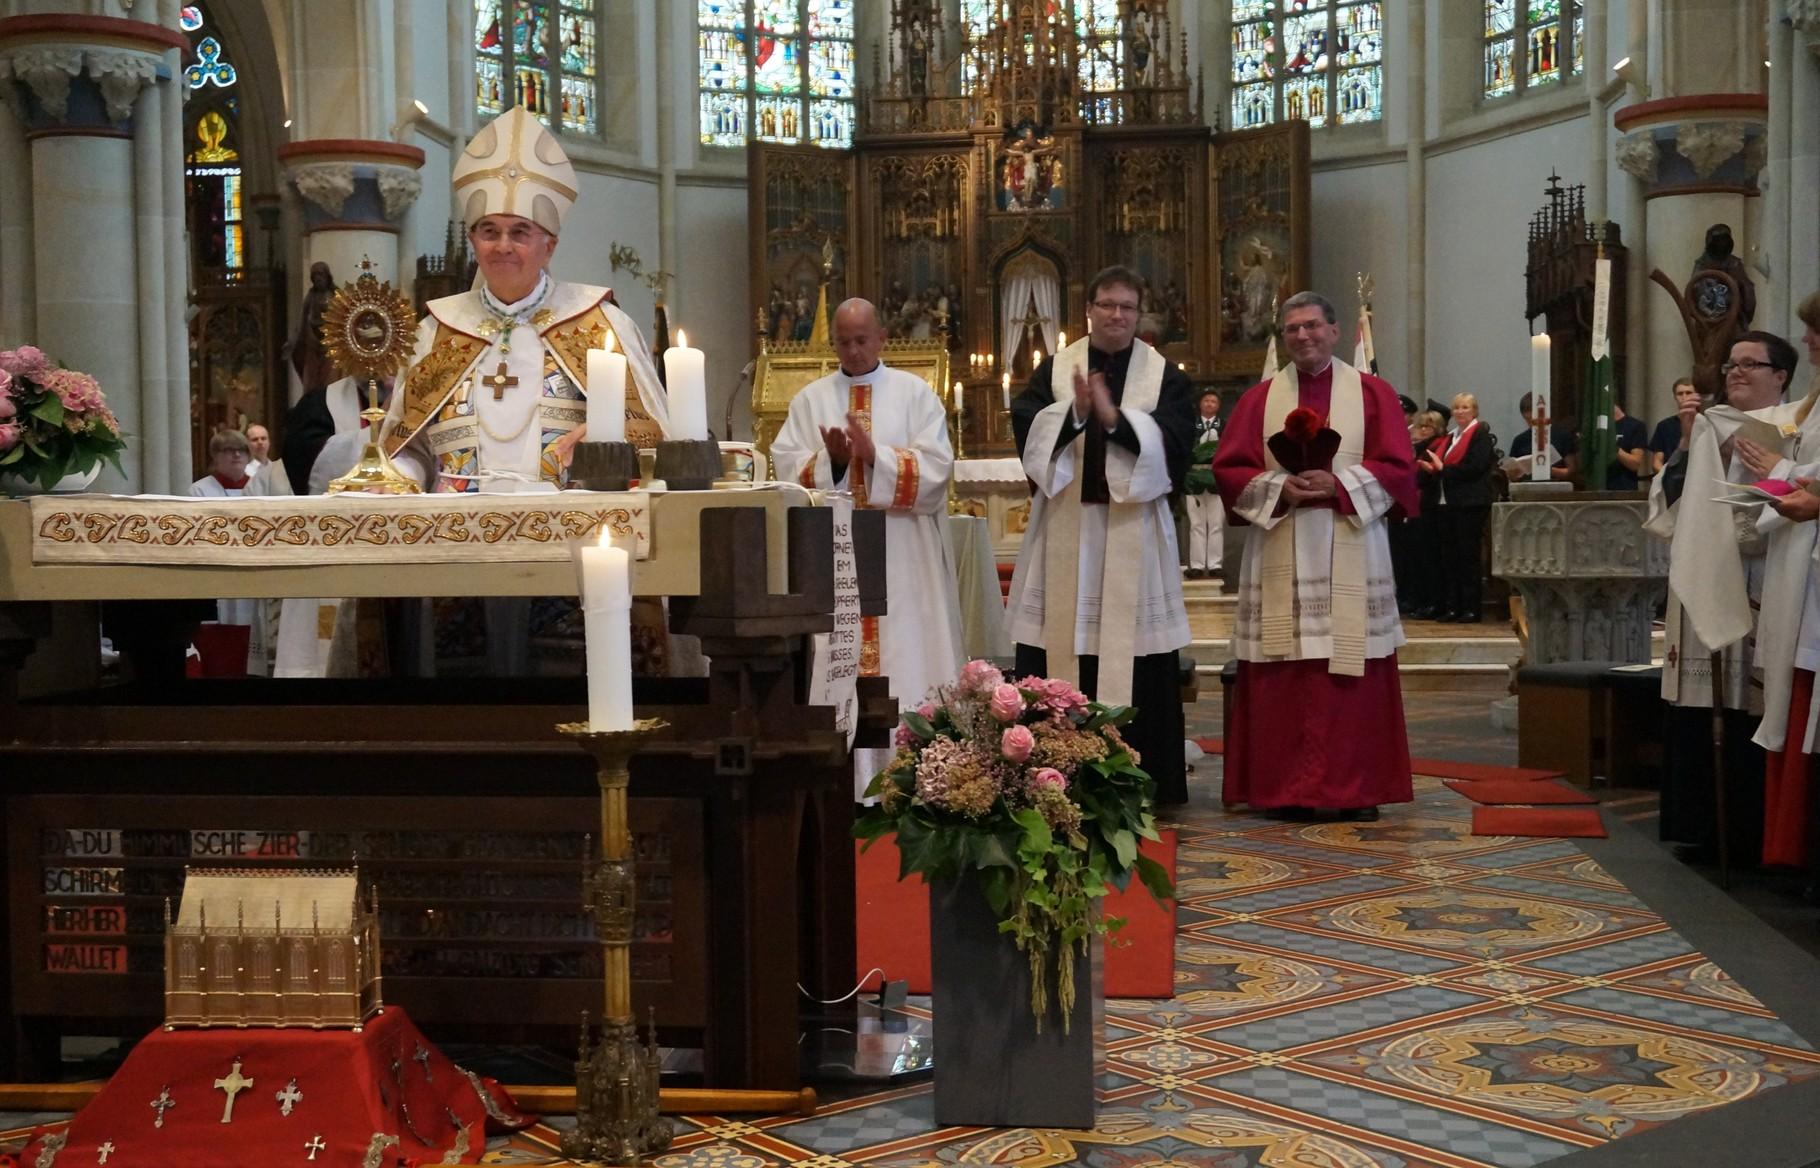 Danke von Bischof an die Gemeinde